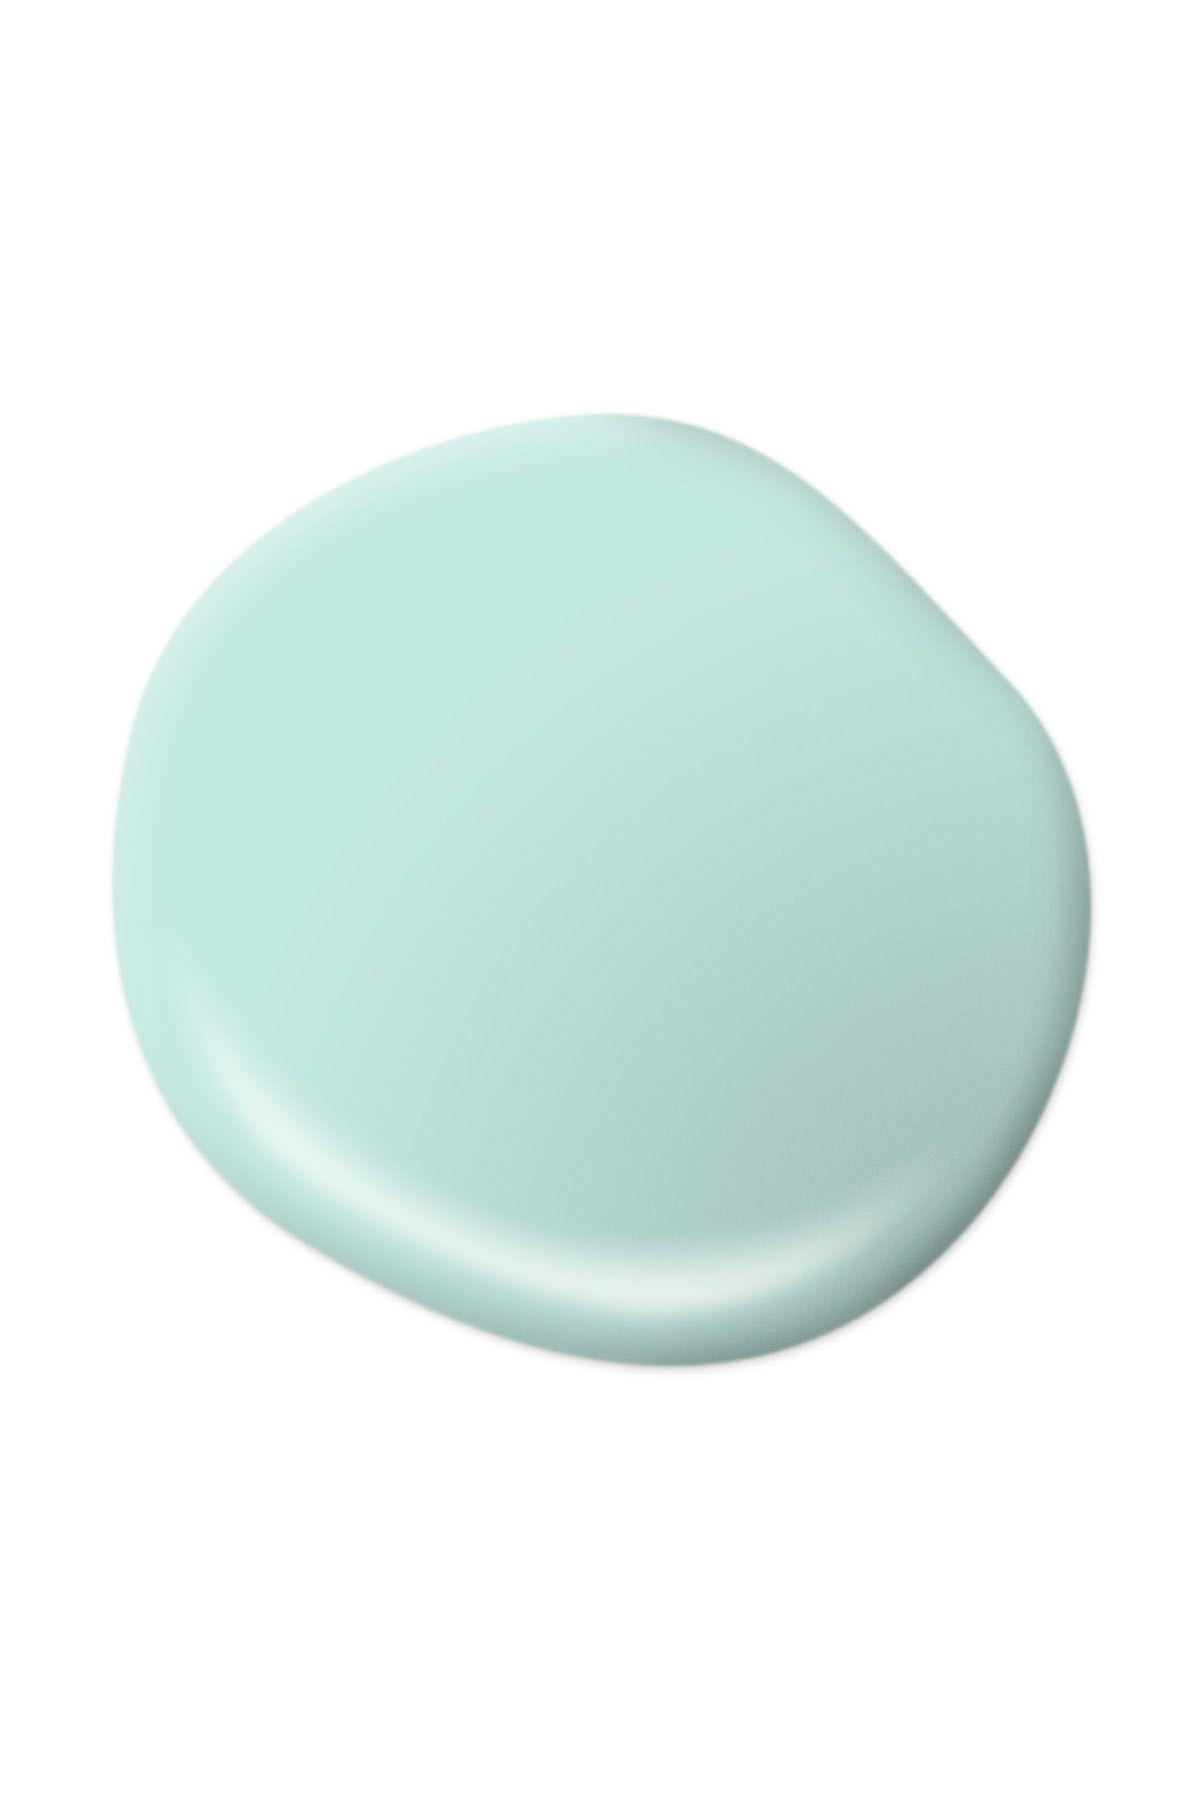 10 Beautiful Blue Kitchen Decorating Ideas - Best Blue Paints for ...